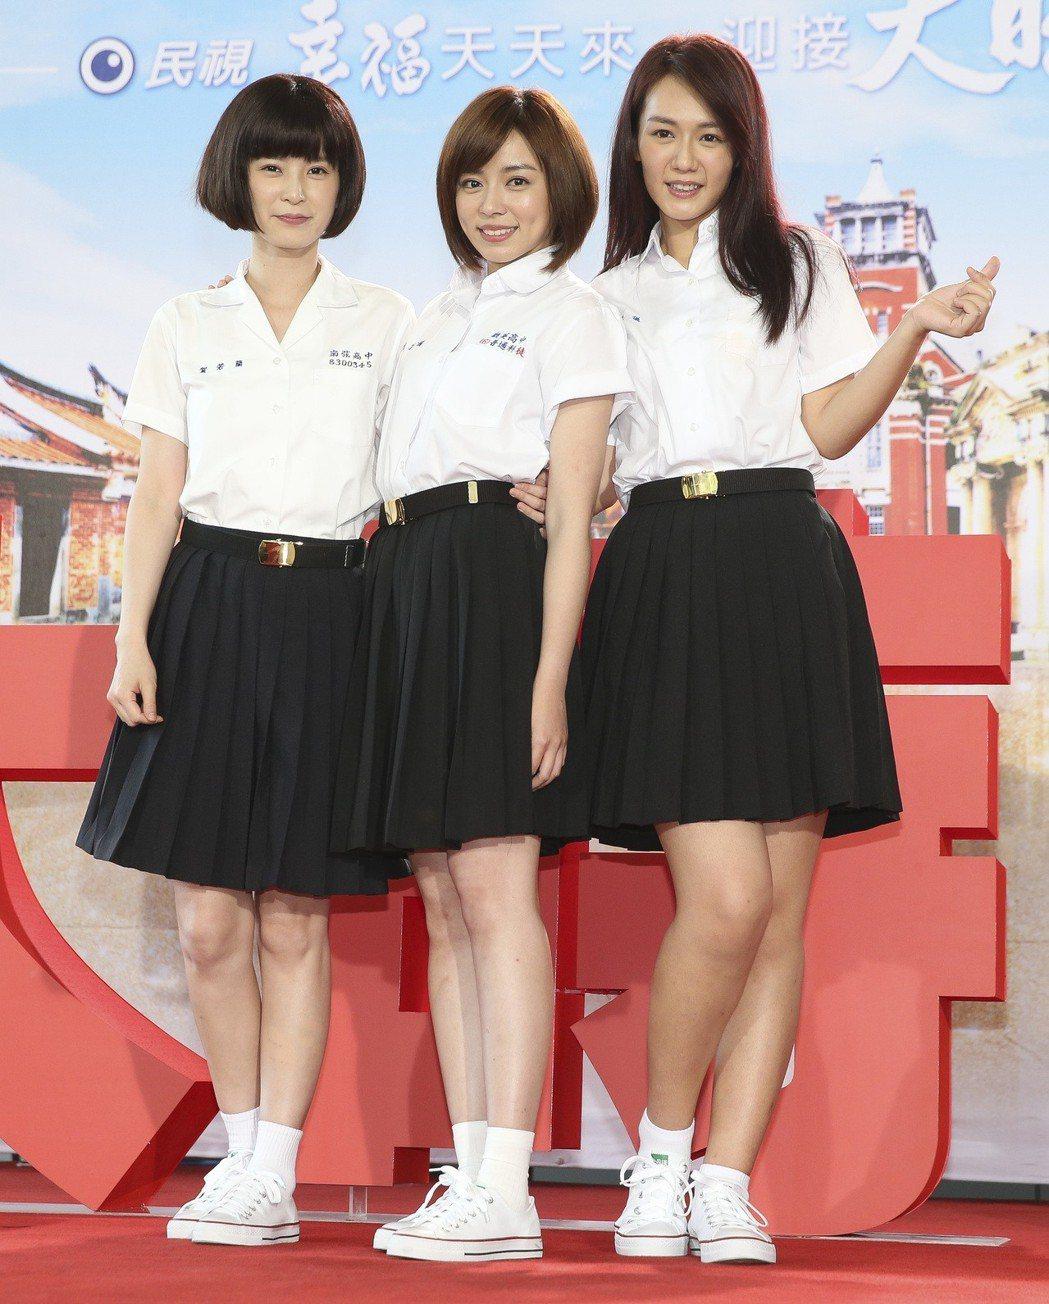 民視8點新戲「大時代」開鏡,楚宣(左起)、王瞳、李又汝。記者楊萬雲/攝影